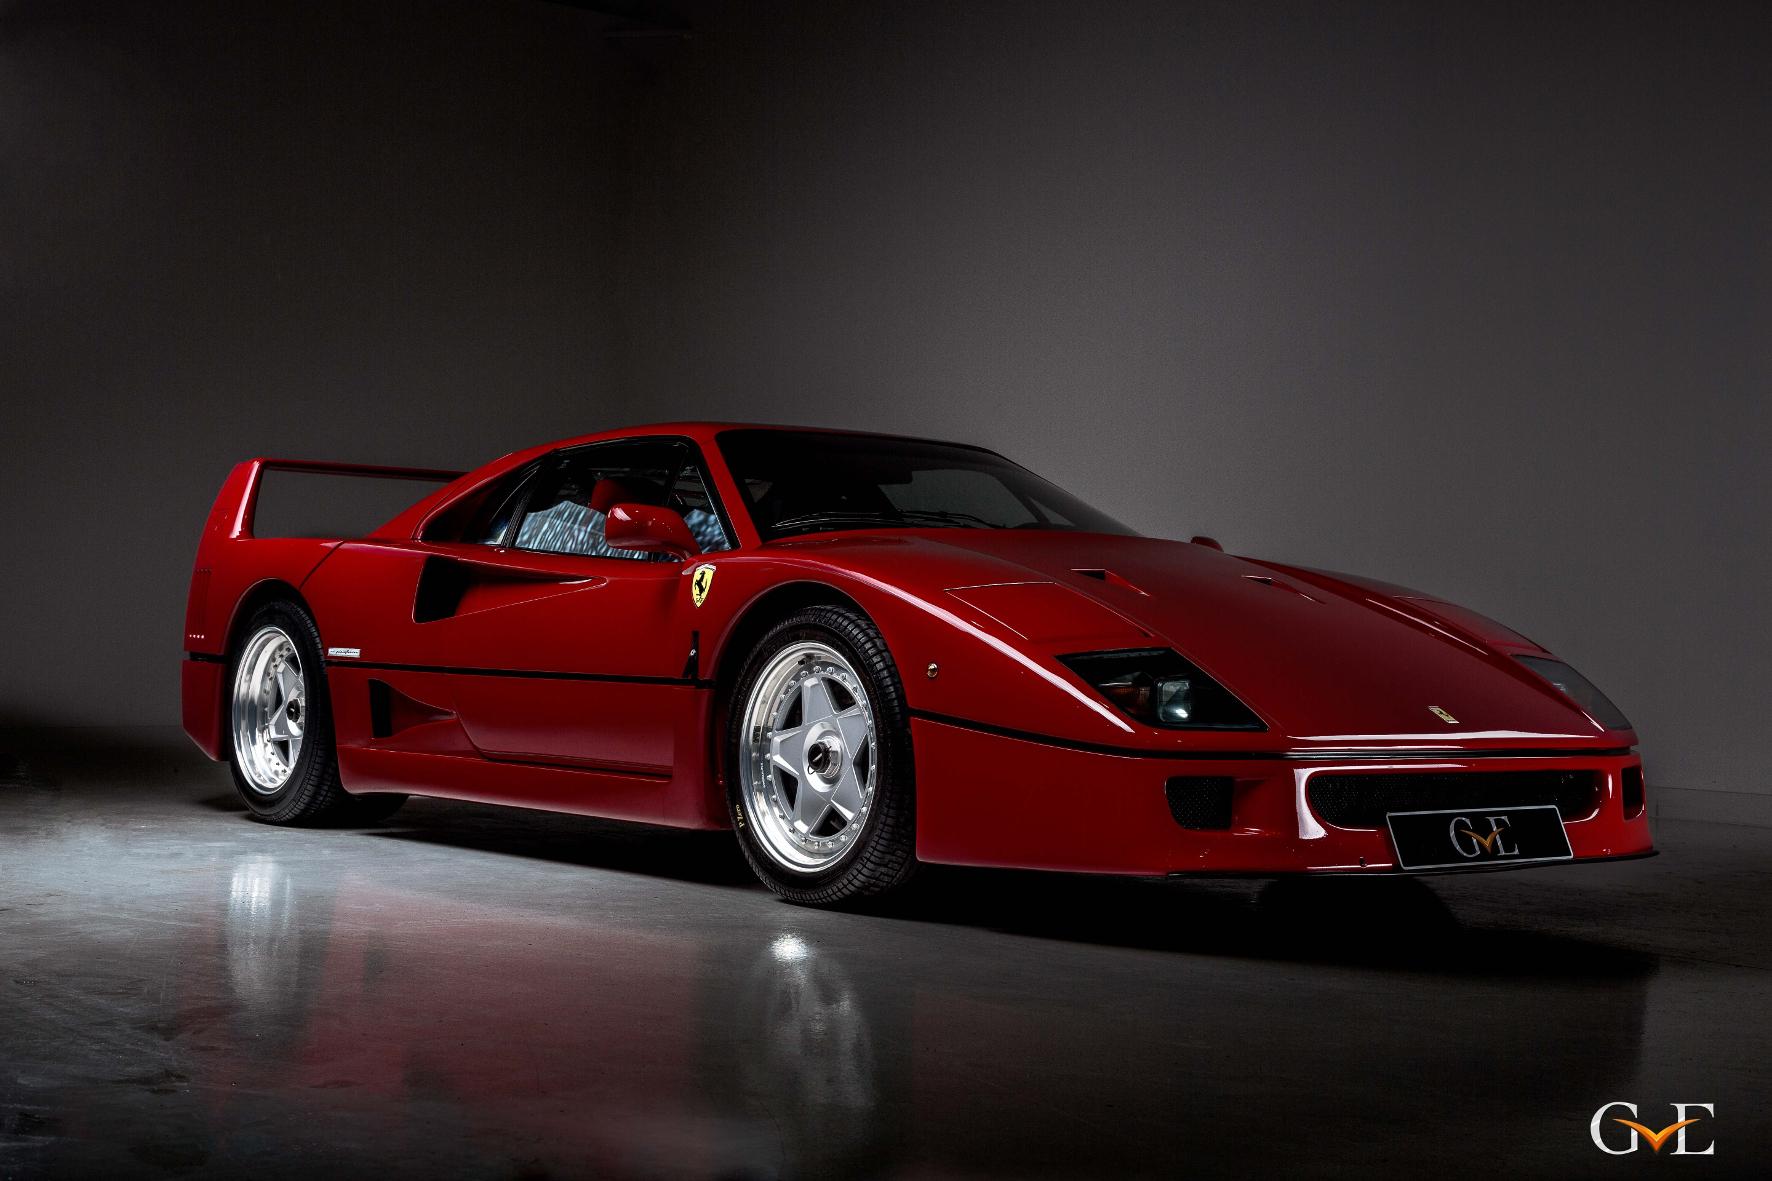 mid Groß-Gerau - Ein Traum in Rot: Diesen Ferrari F40 hat einst Eric Clapton gefahren. Jetzt steht er in London zum Verkauf.